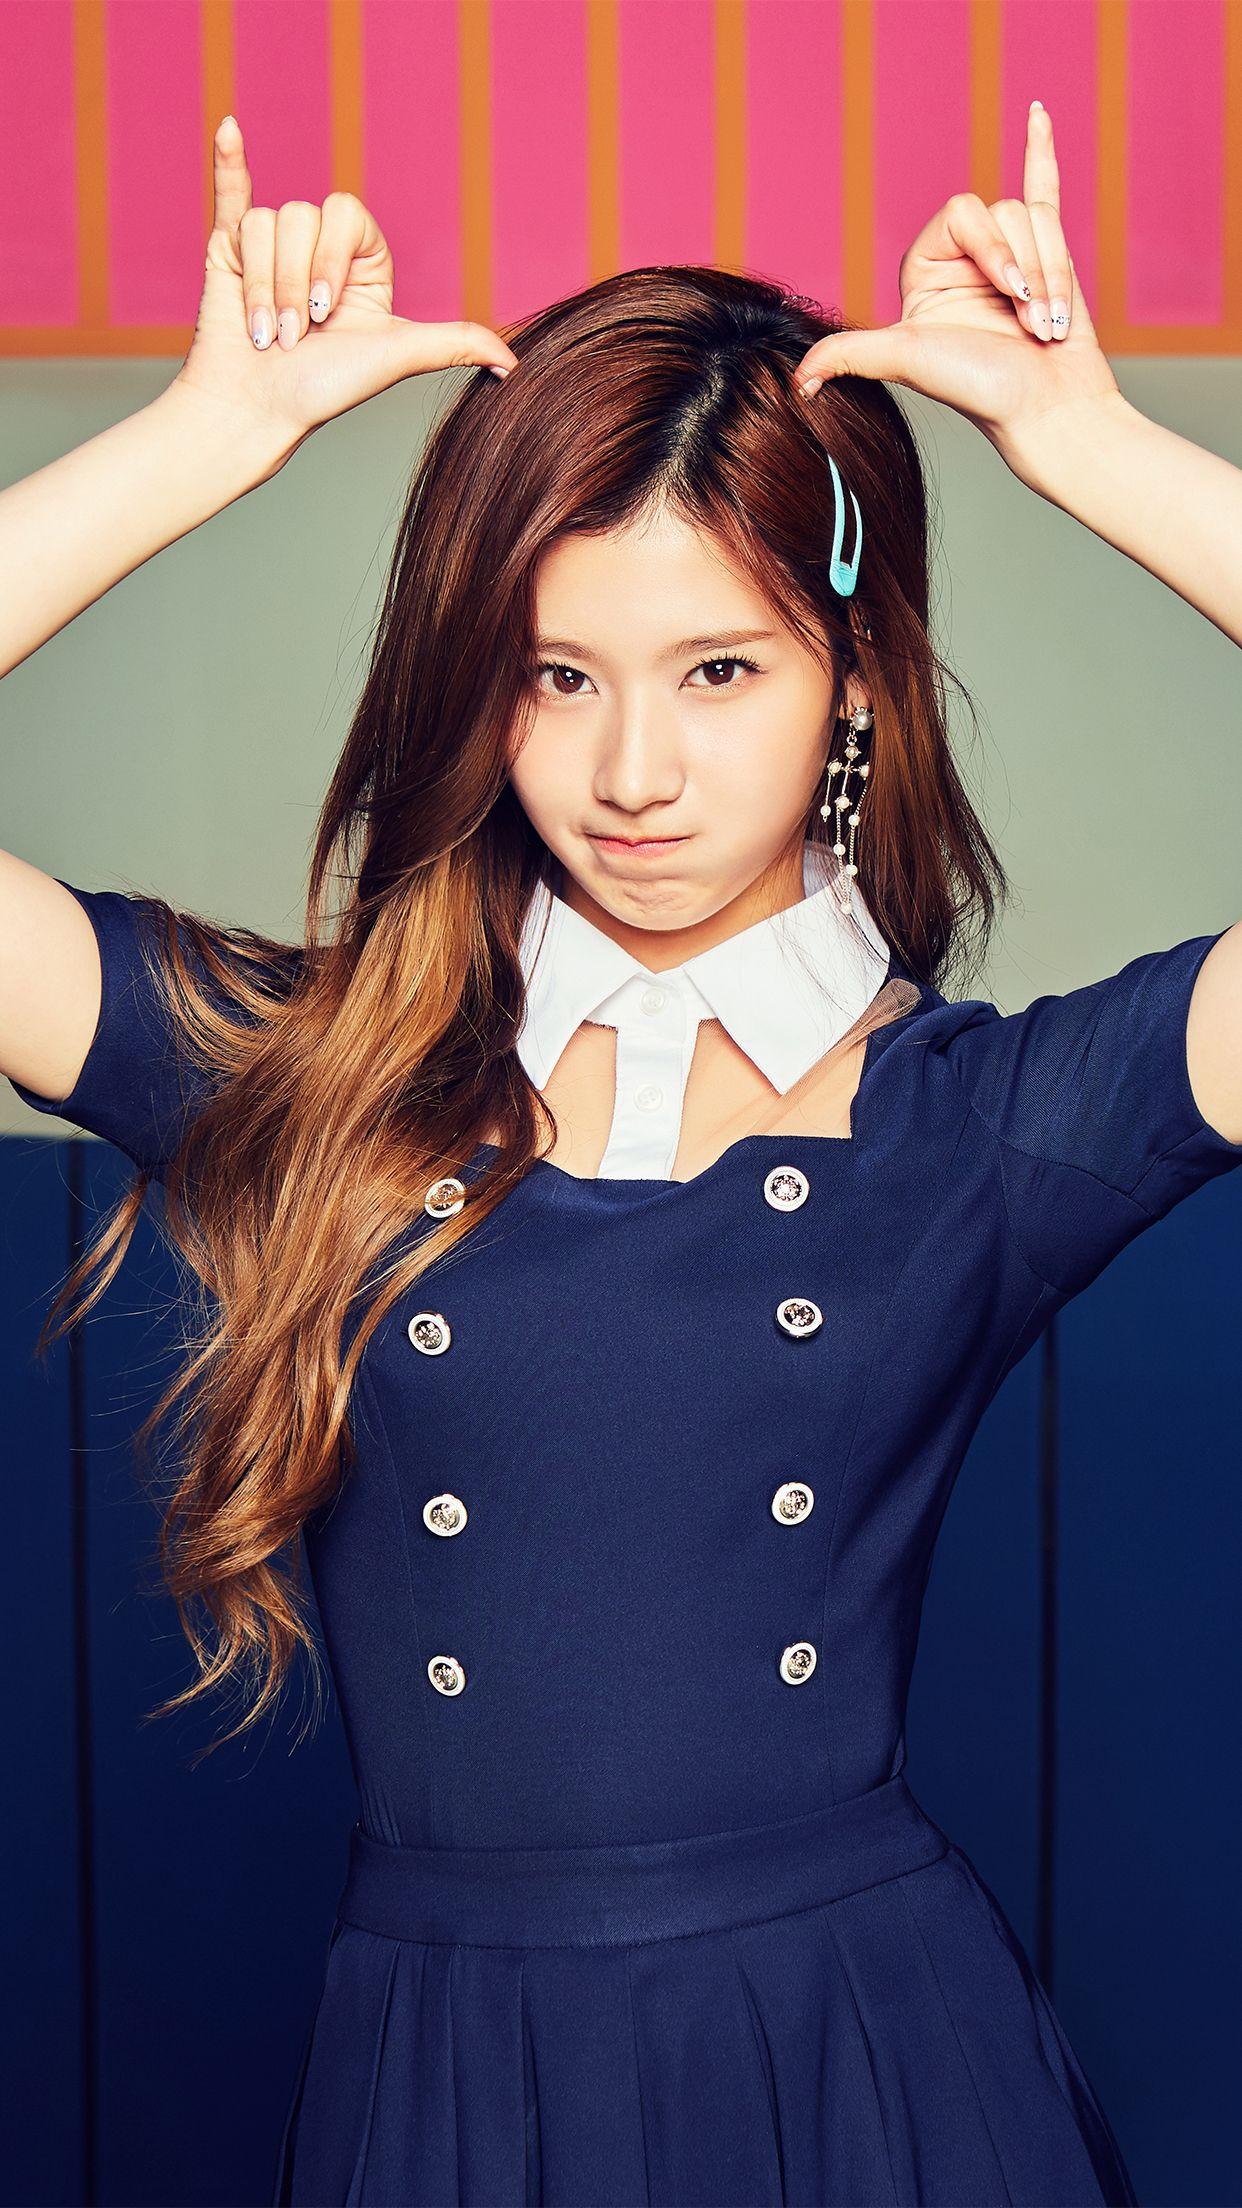 Iphone Wallpaper Twice 트와이스 Sana 사나 Kpop